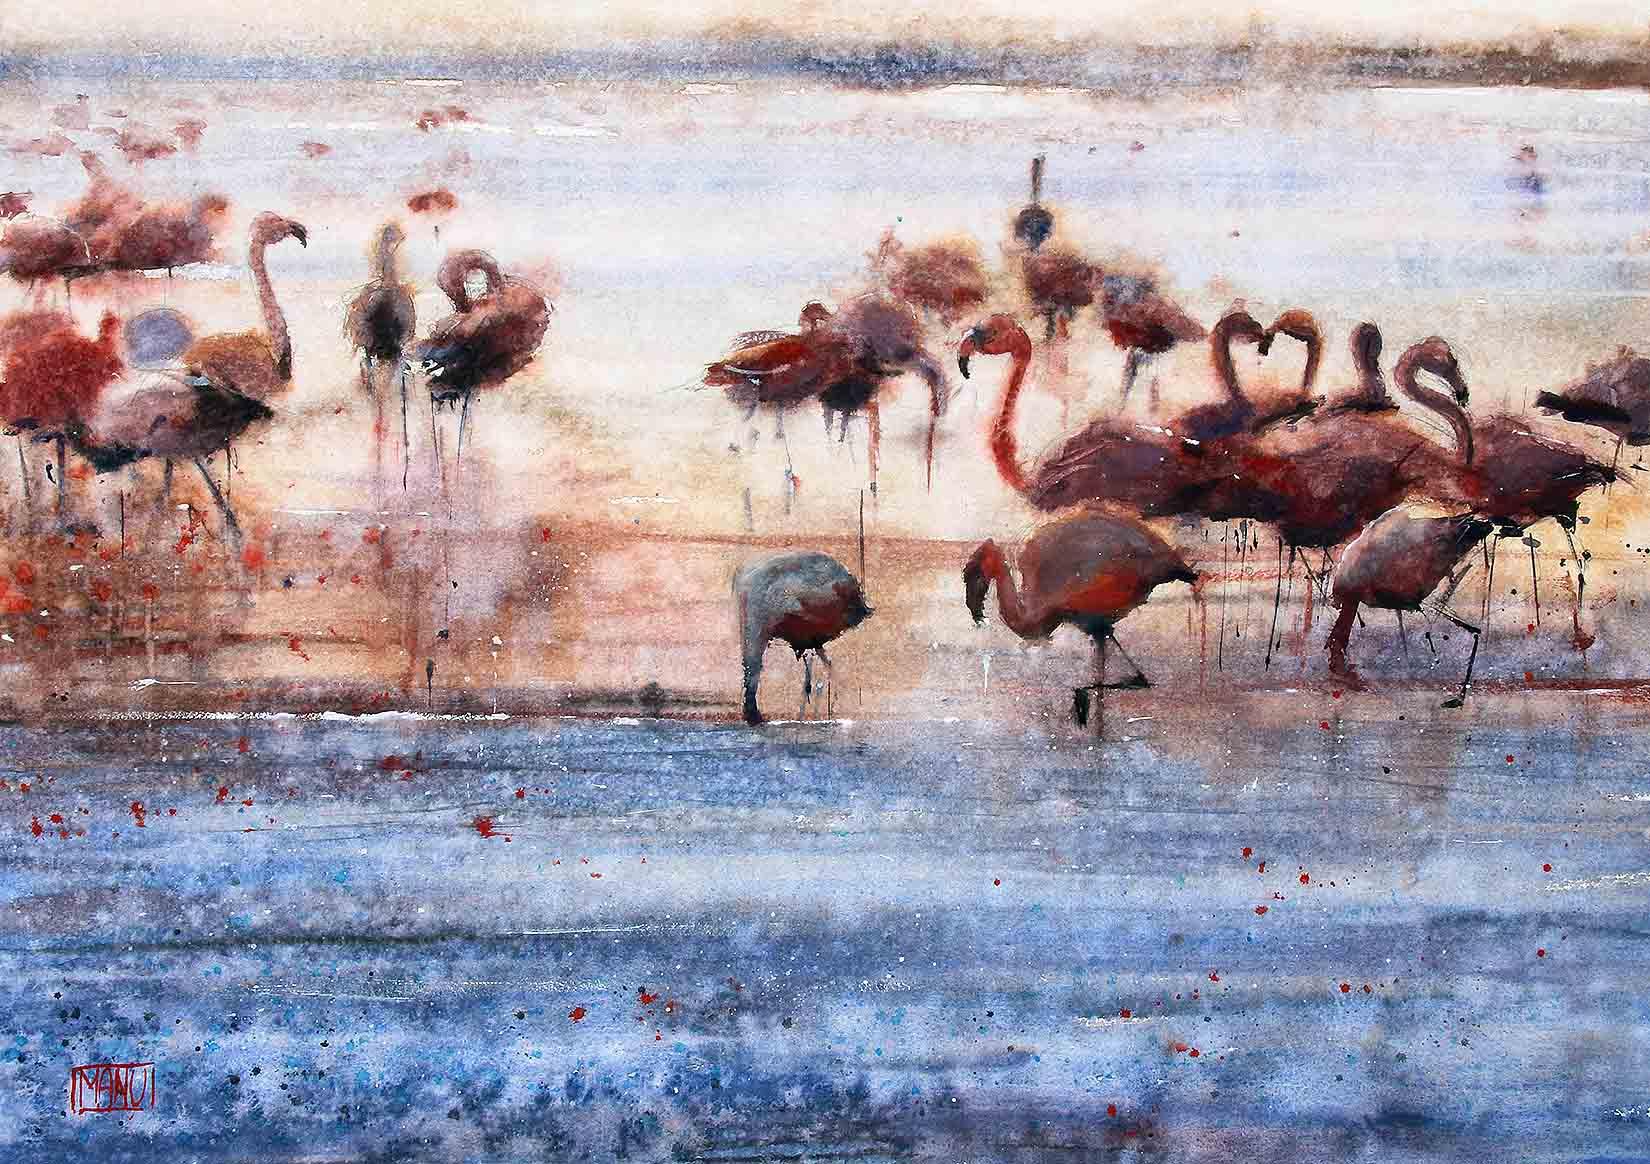 Fenicotteri nella laguna - Los Flamingos - Emmanuele Cammarano fine artist acquerello watercolor aquarelle